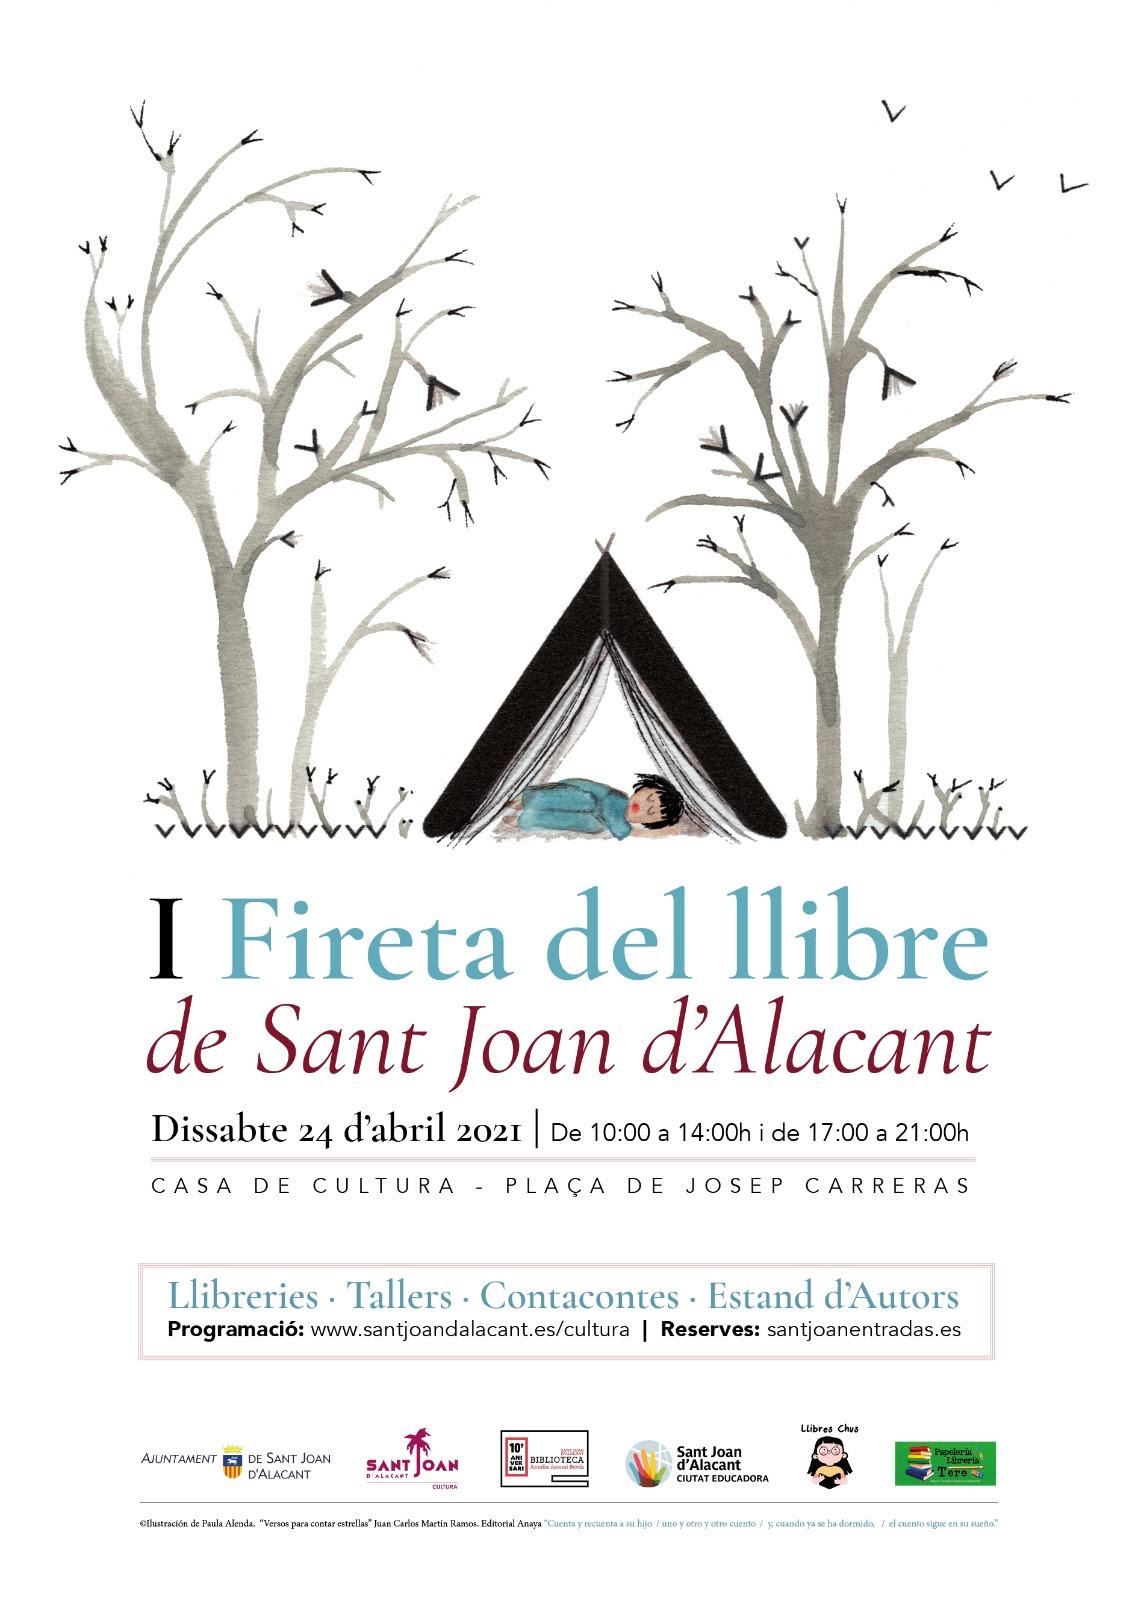 I Fireta del llibre de Sant Joan d'Alacant